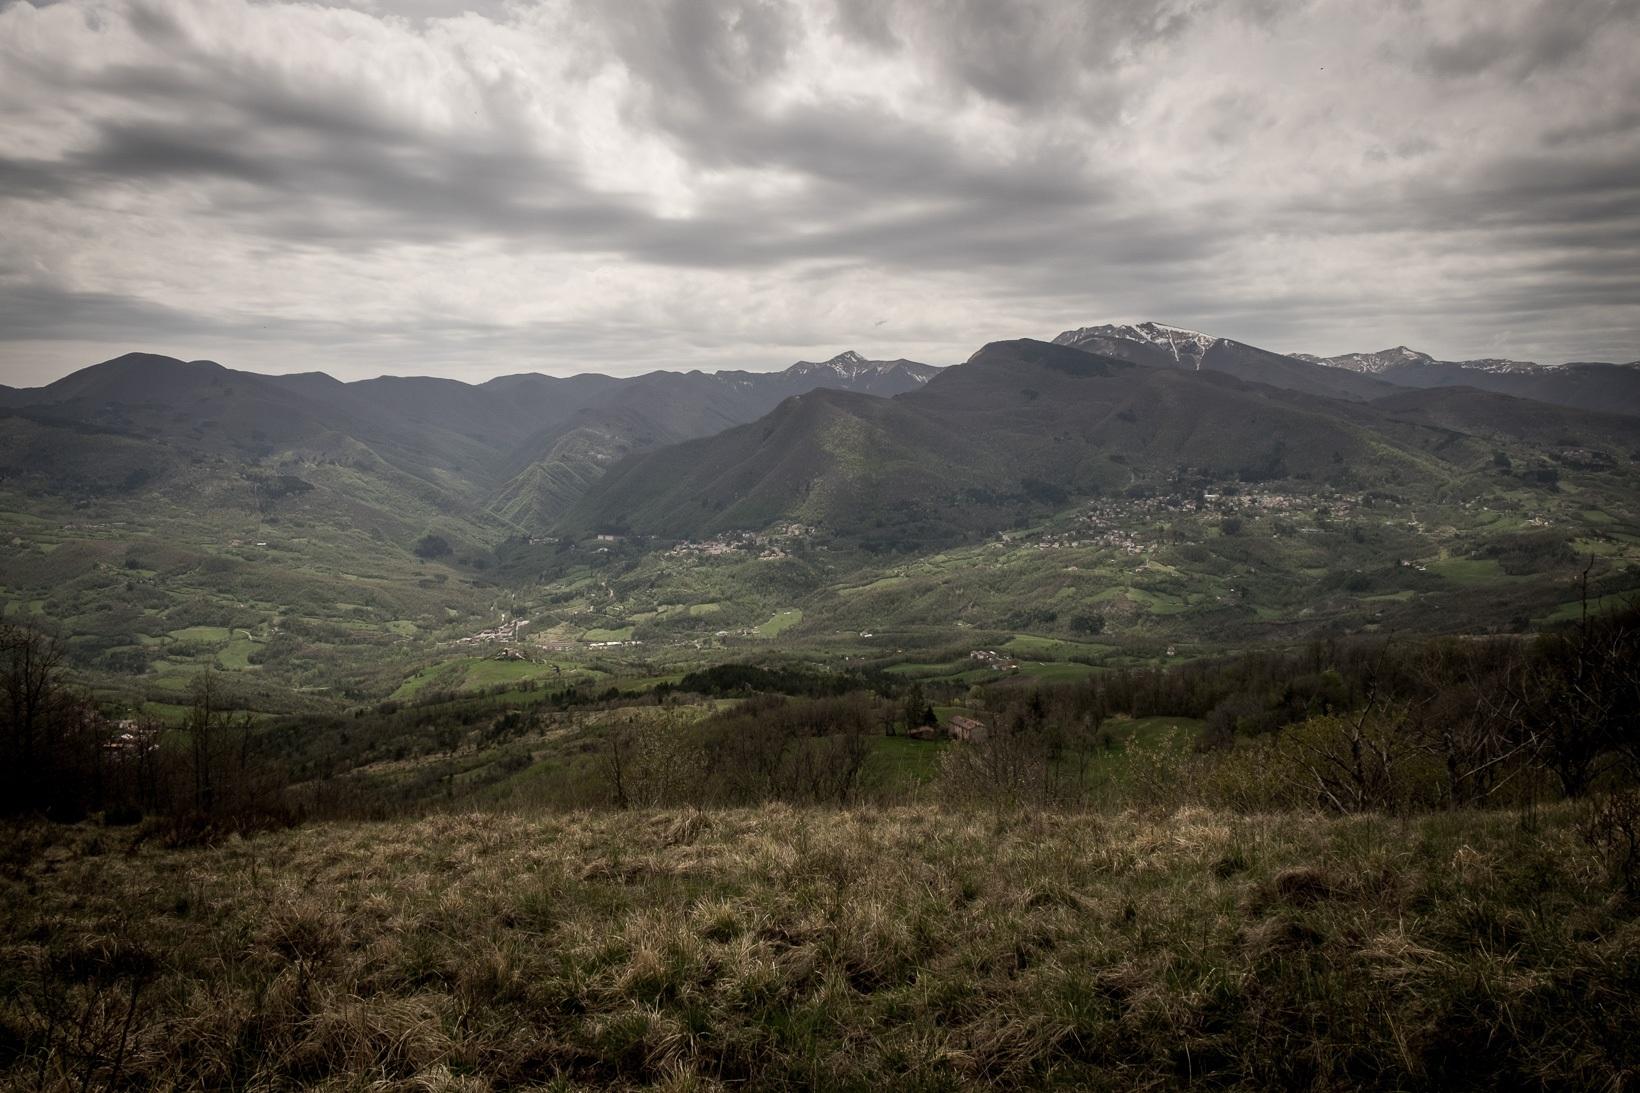 Monte-Belvedere-la-veduta-della-valle-sottostante-fa-capite-la-posizione-startegica-del-monte